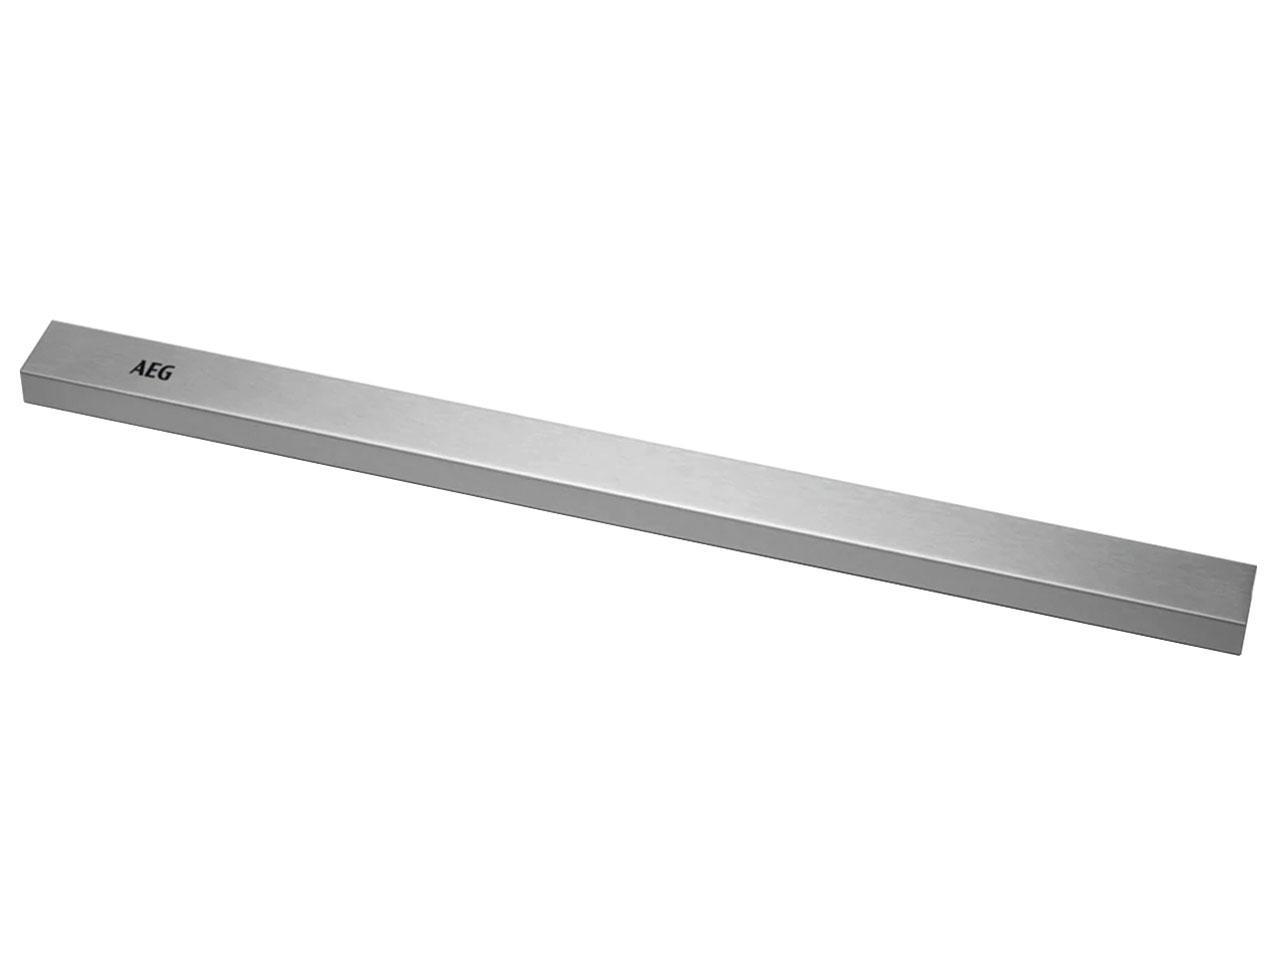 Dekorační lišta pro digestoř AEG BF6070-M